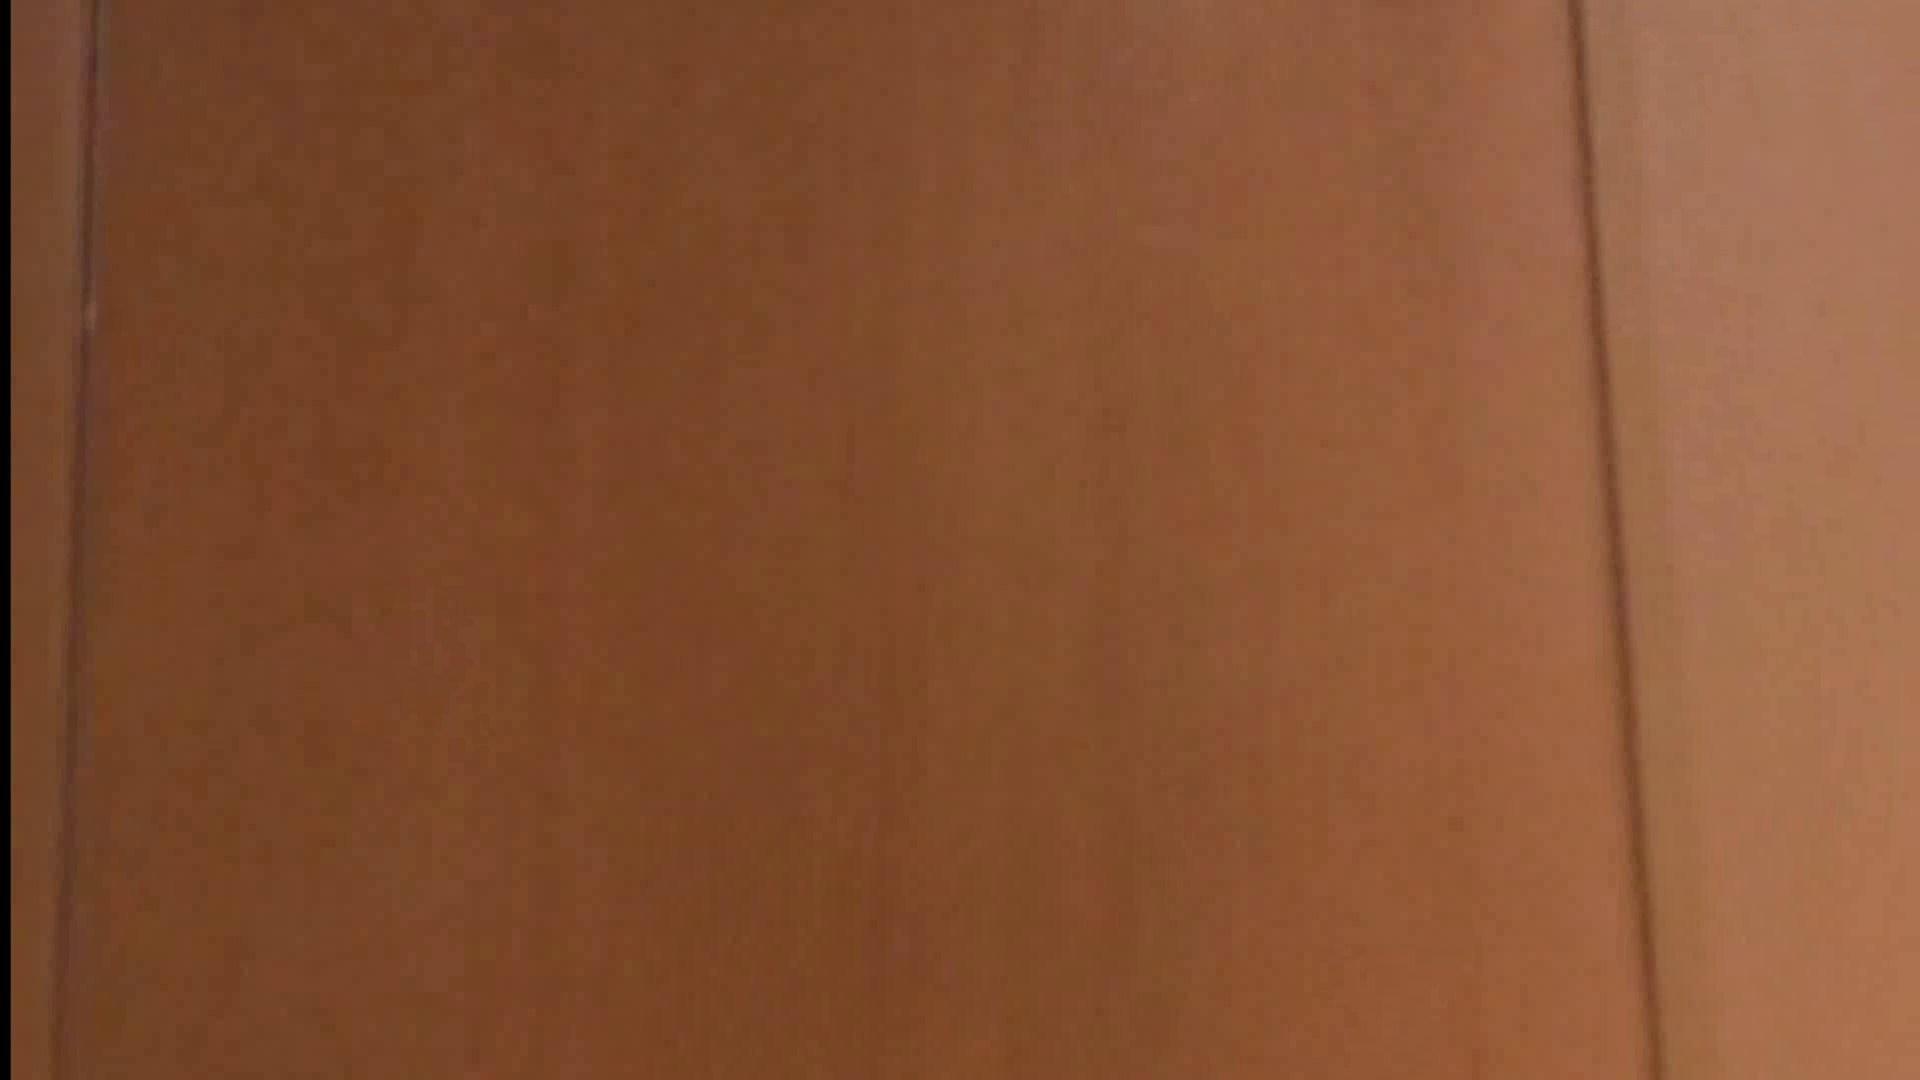 「噂」の国の厠観察日記2 Vol.11 人気シリーズ すけべAV動画紹介 77pic 77